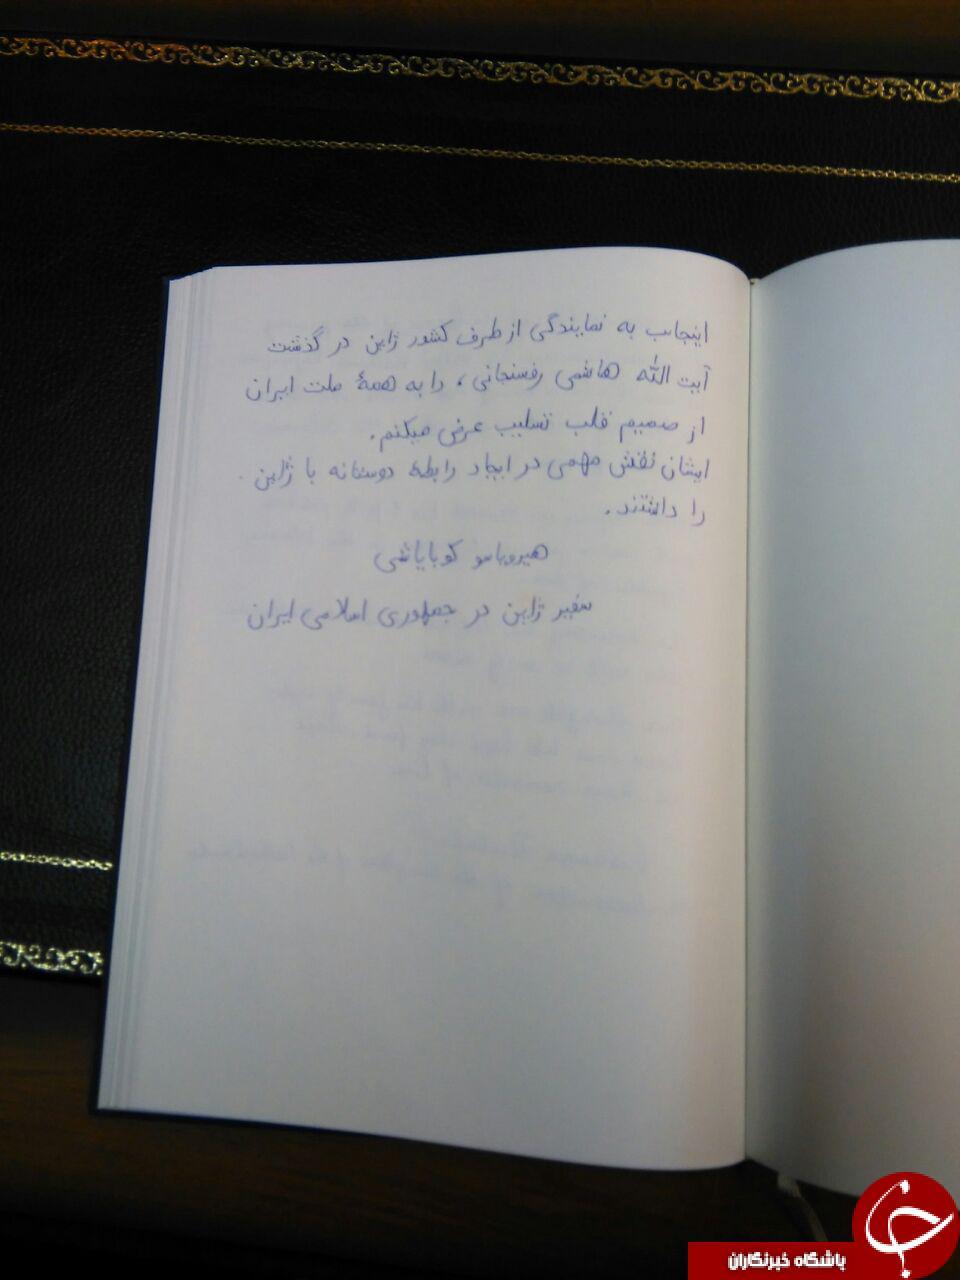 یادداشت سفیر ژاپن در ایران به زبان فارسی در نکوداشت آیتالله هاشمی رفسنجانی+ عکس